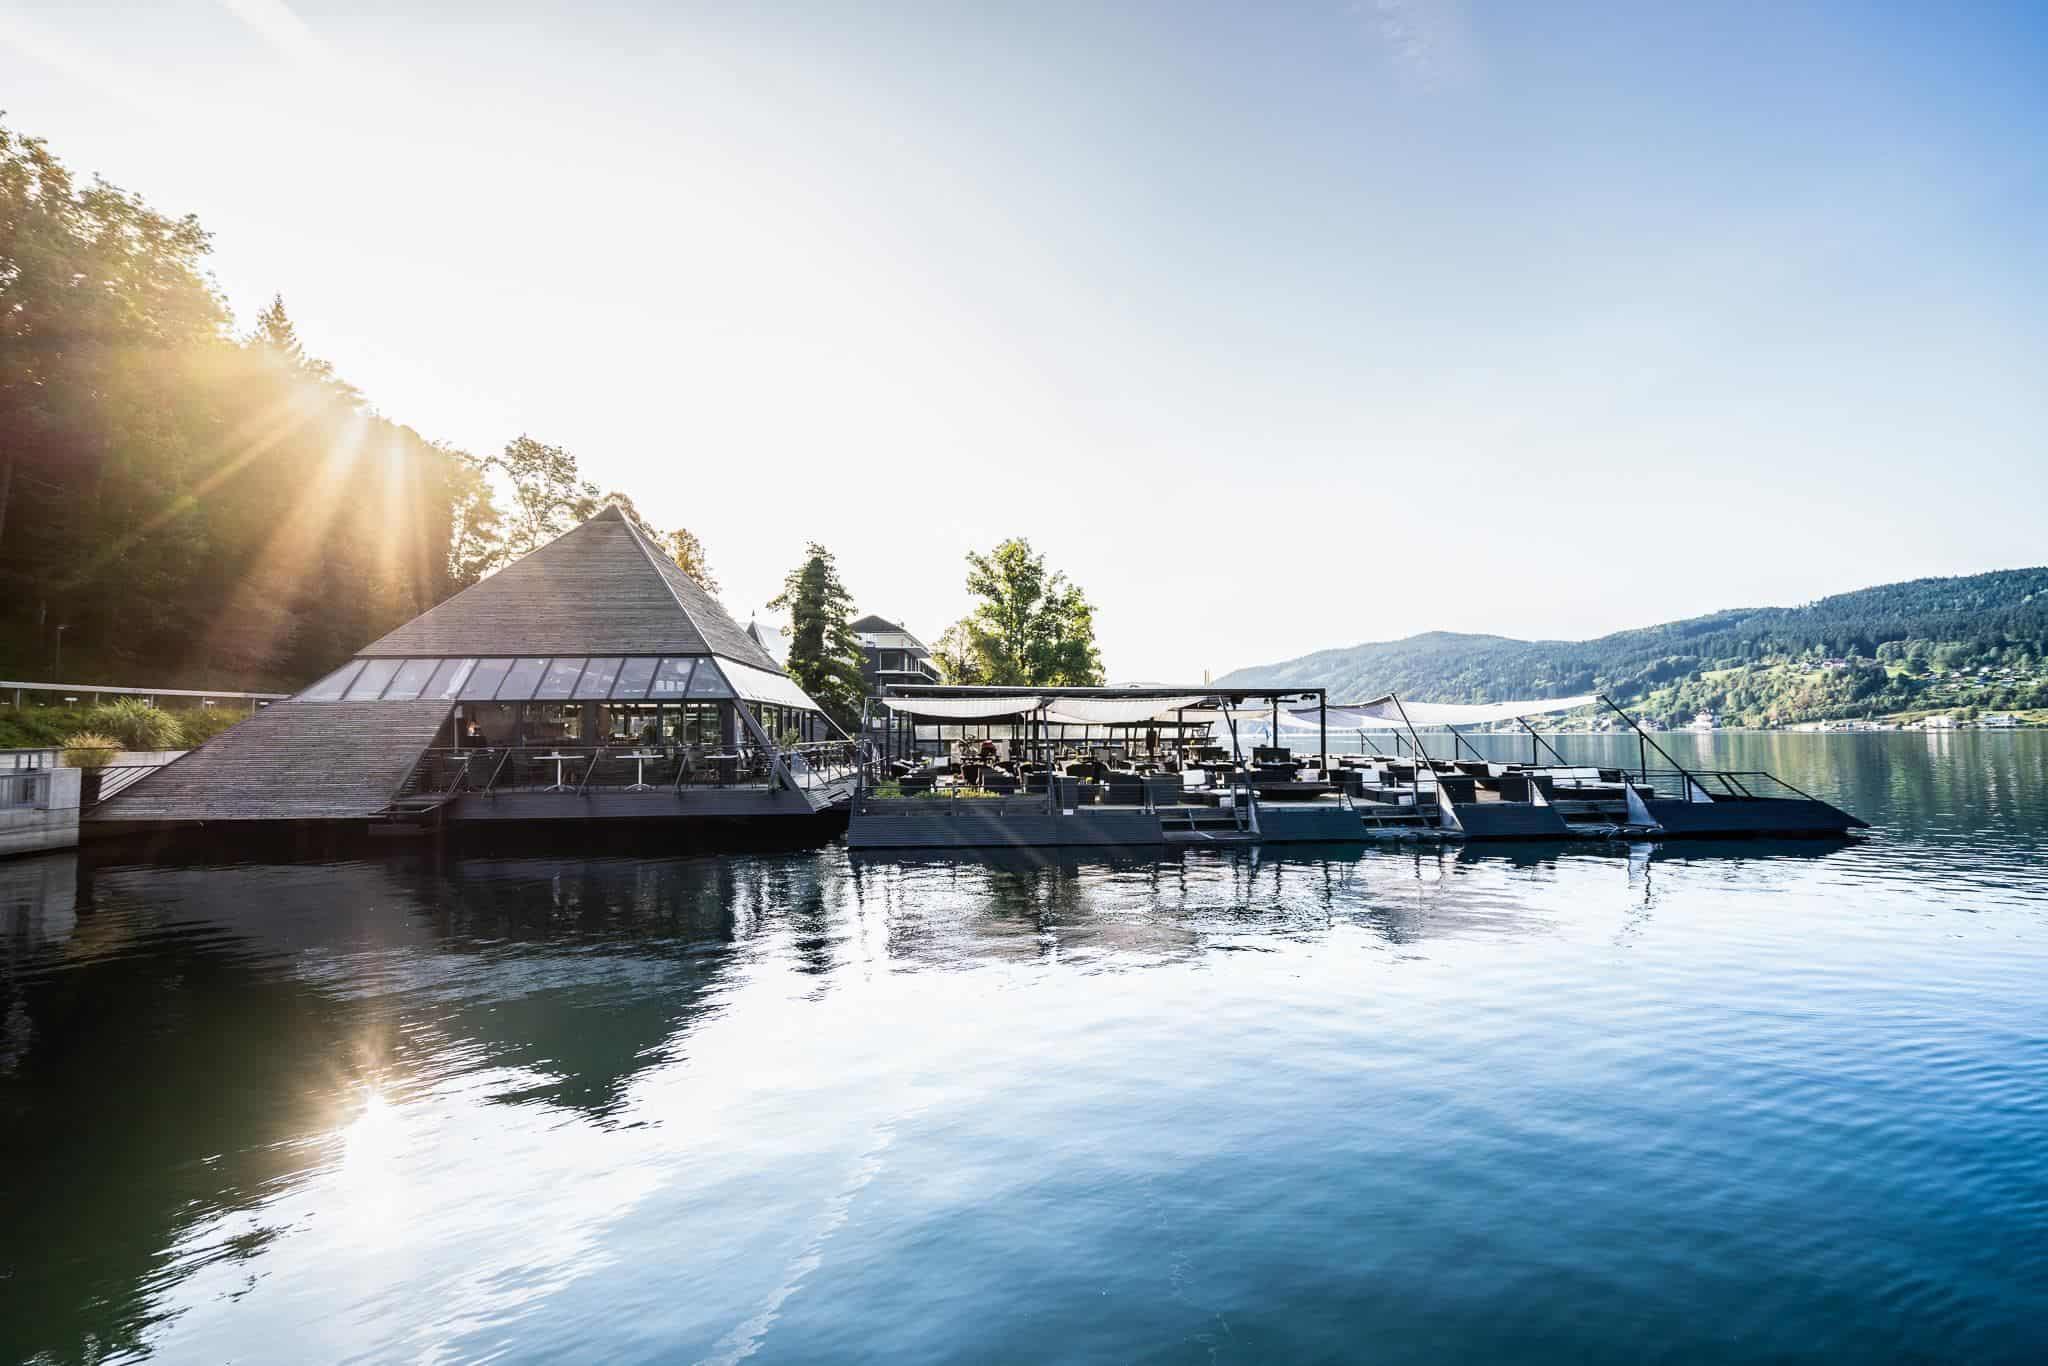 Ausflugstipp Millstätter See - Cafè & Bistro Kap 4613, schwimmende Pyramide am See in Millstatt